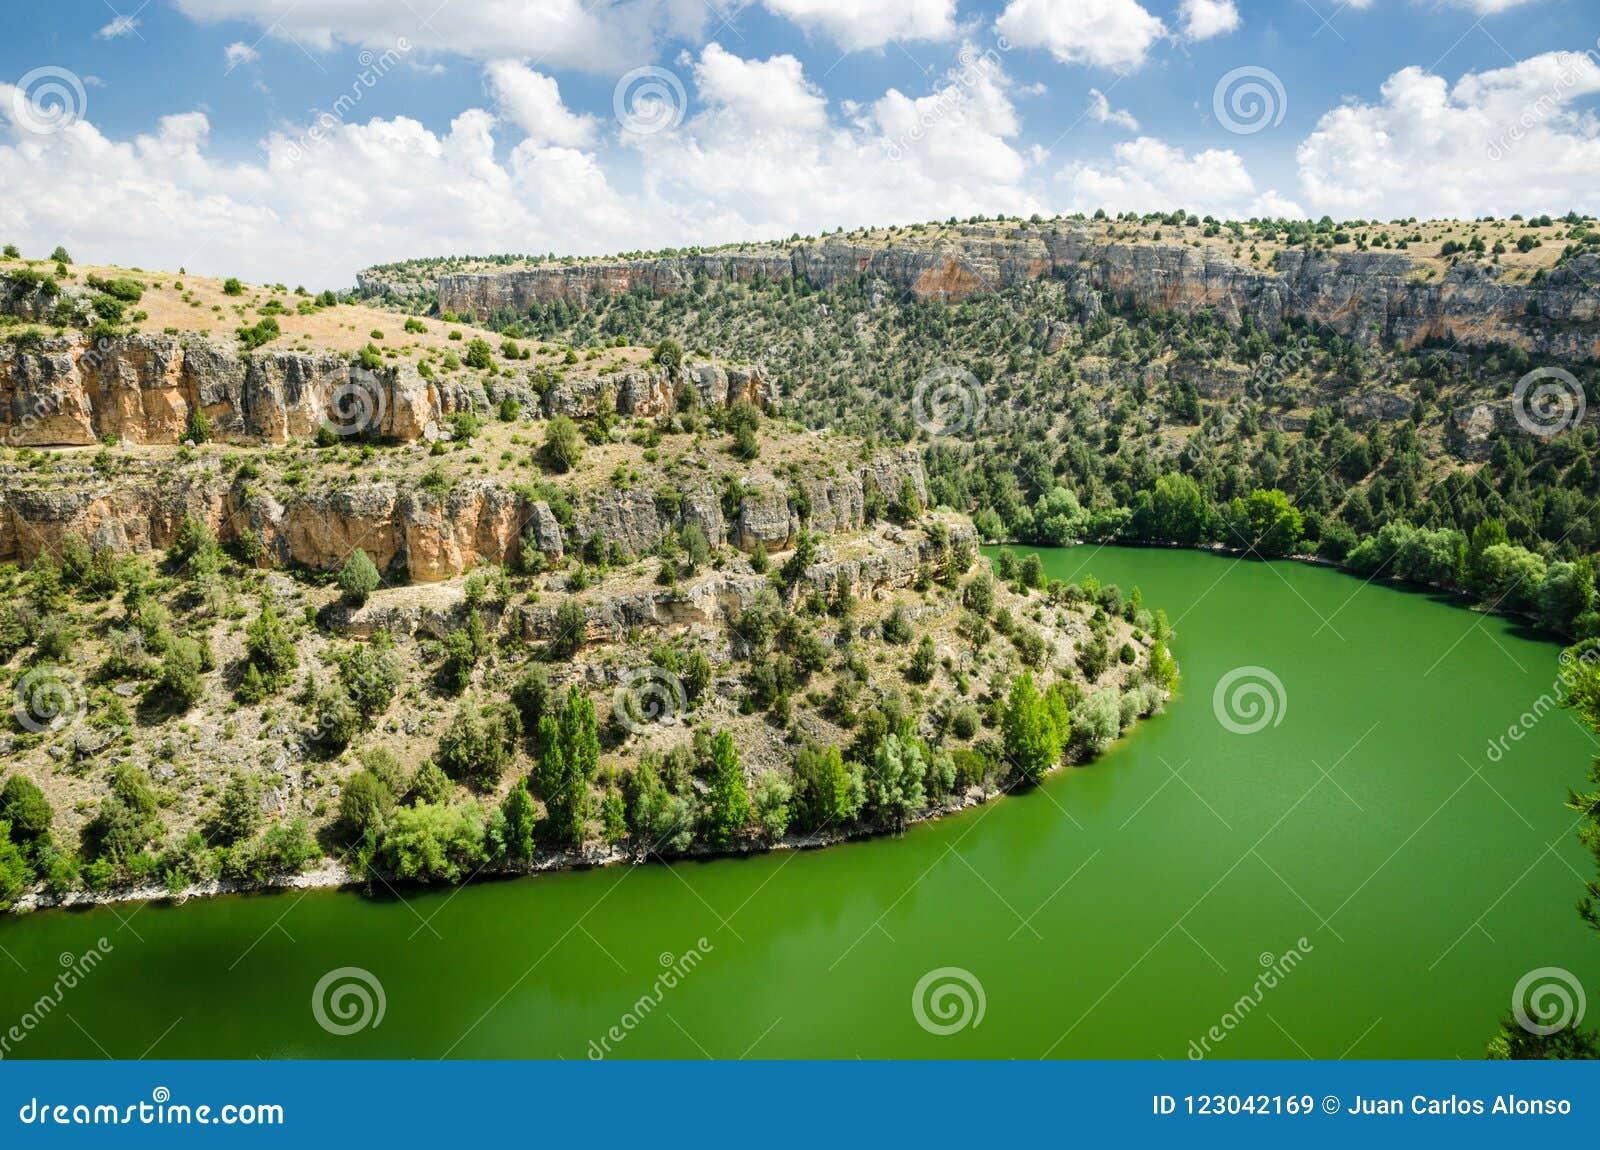 Hoces del Duraton a Segovia, Castiglia y Leon, Spagna